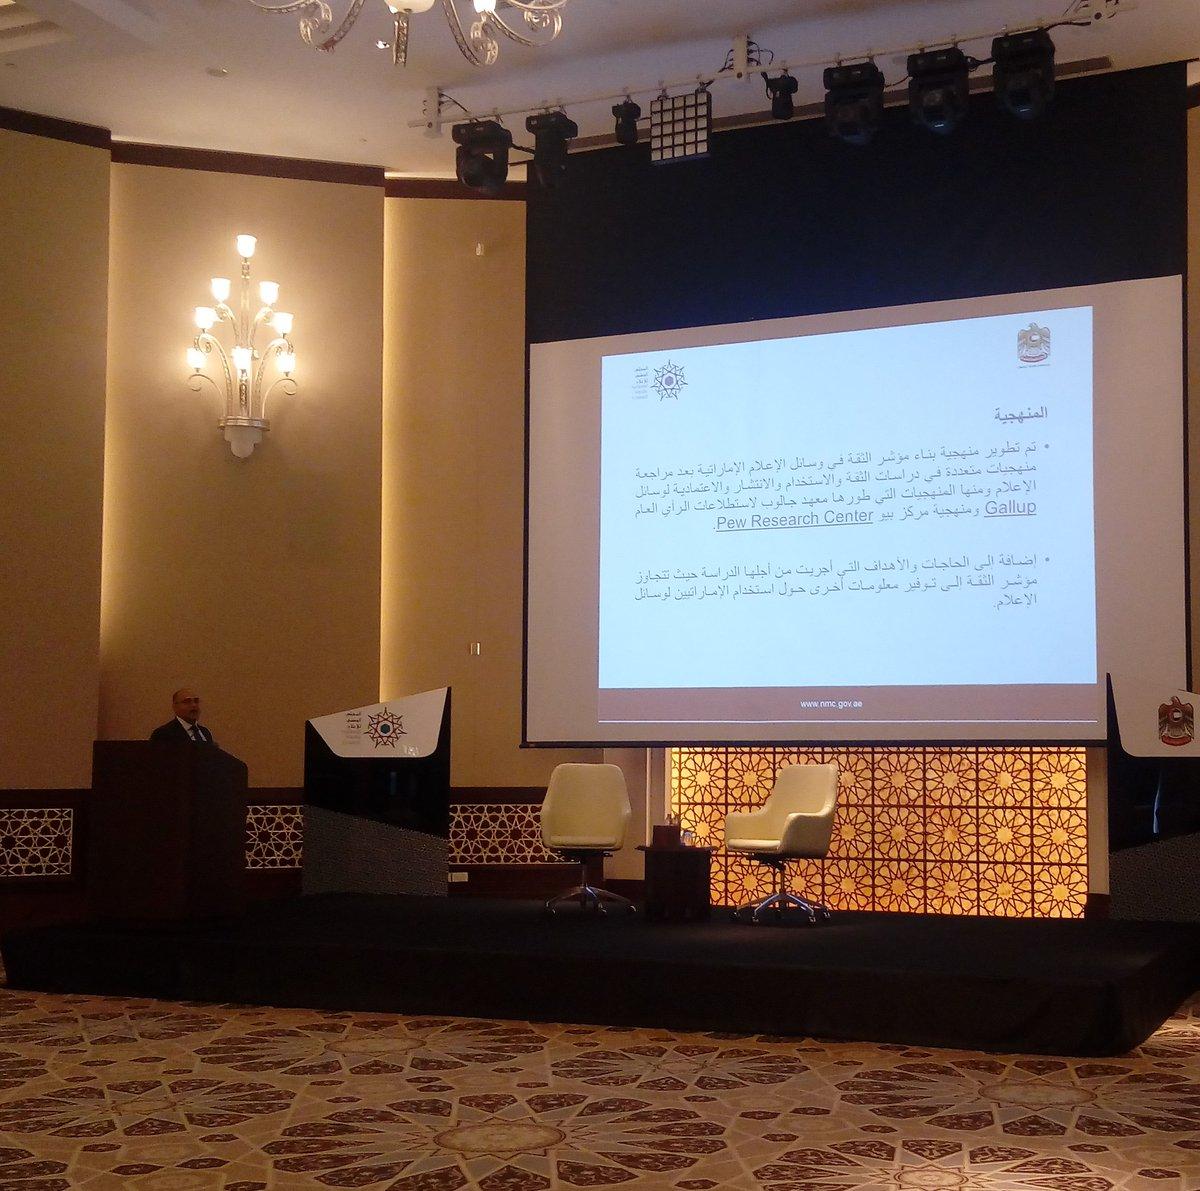 الوطني للإعلام يعلن نتائج دراسة «مؤشر ثقة المجتمع بالإعلام الإماراتي»